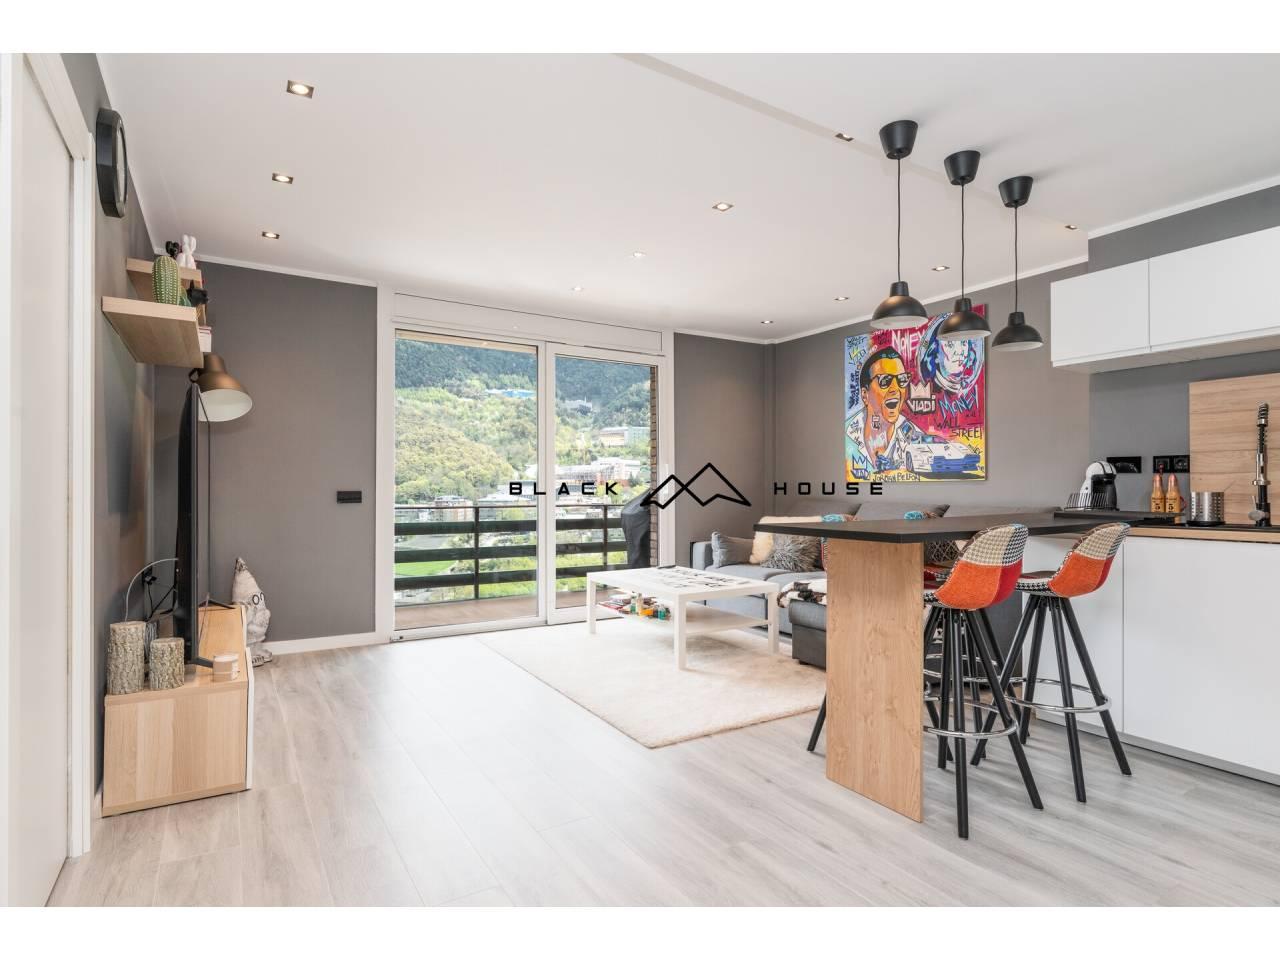 Fabulós pis totalment reformat per a vendre en ple centre d'Andorra la Vella.